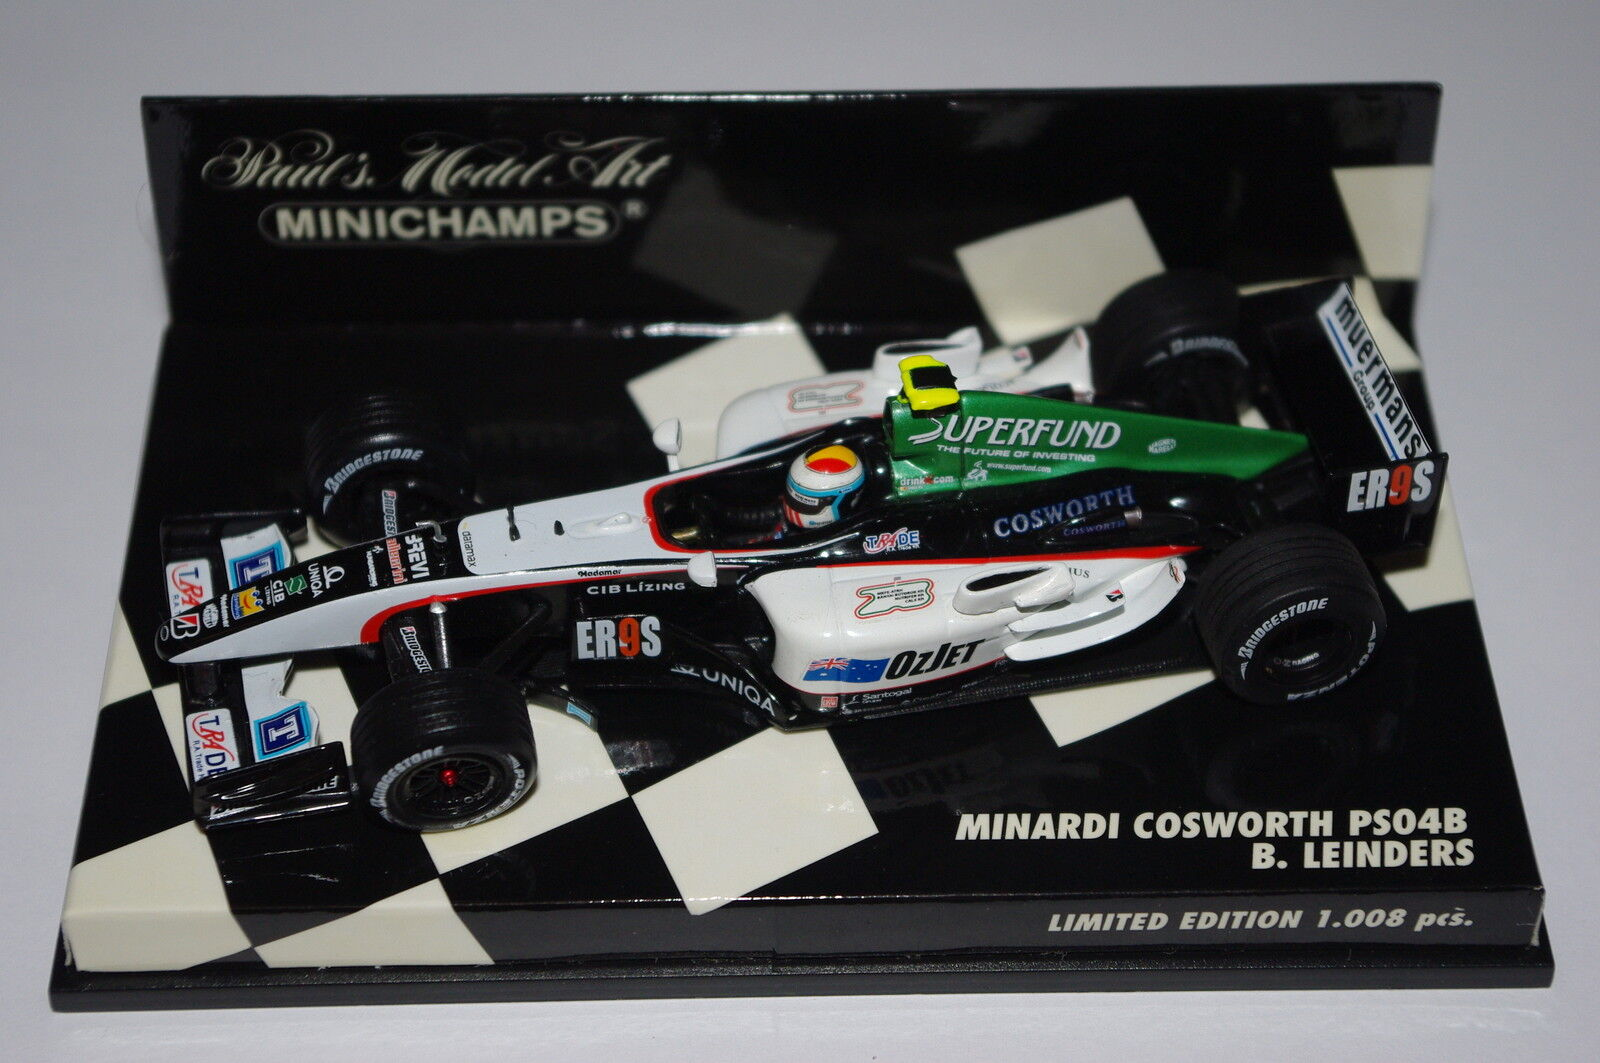 Minichamps F1 1 43 Minardi Cosworth PS04B B. Leinders édition limitée